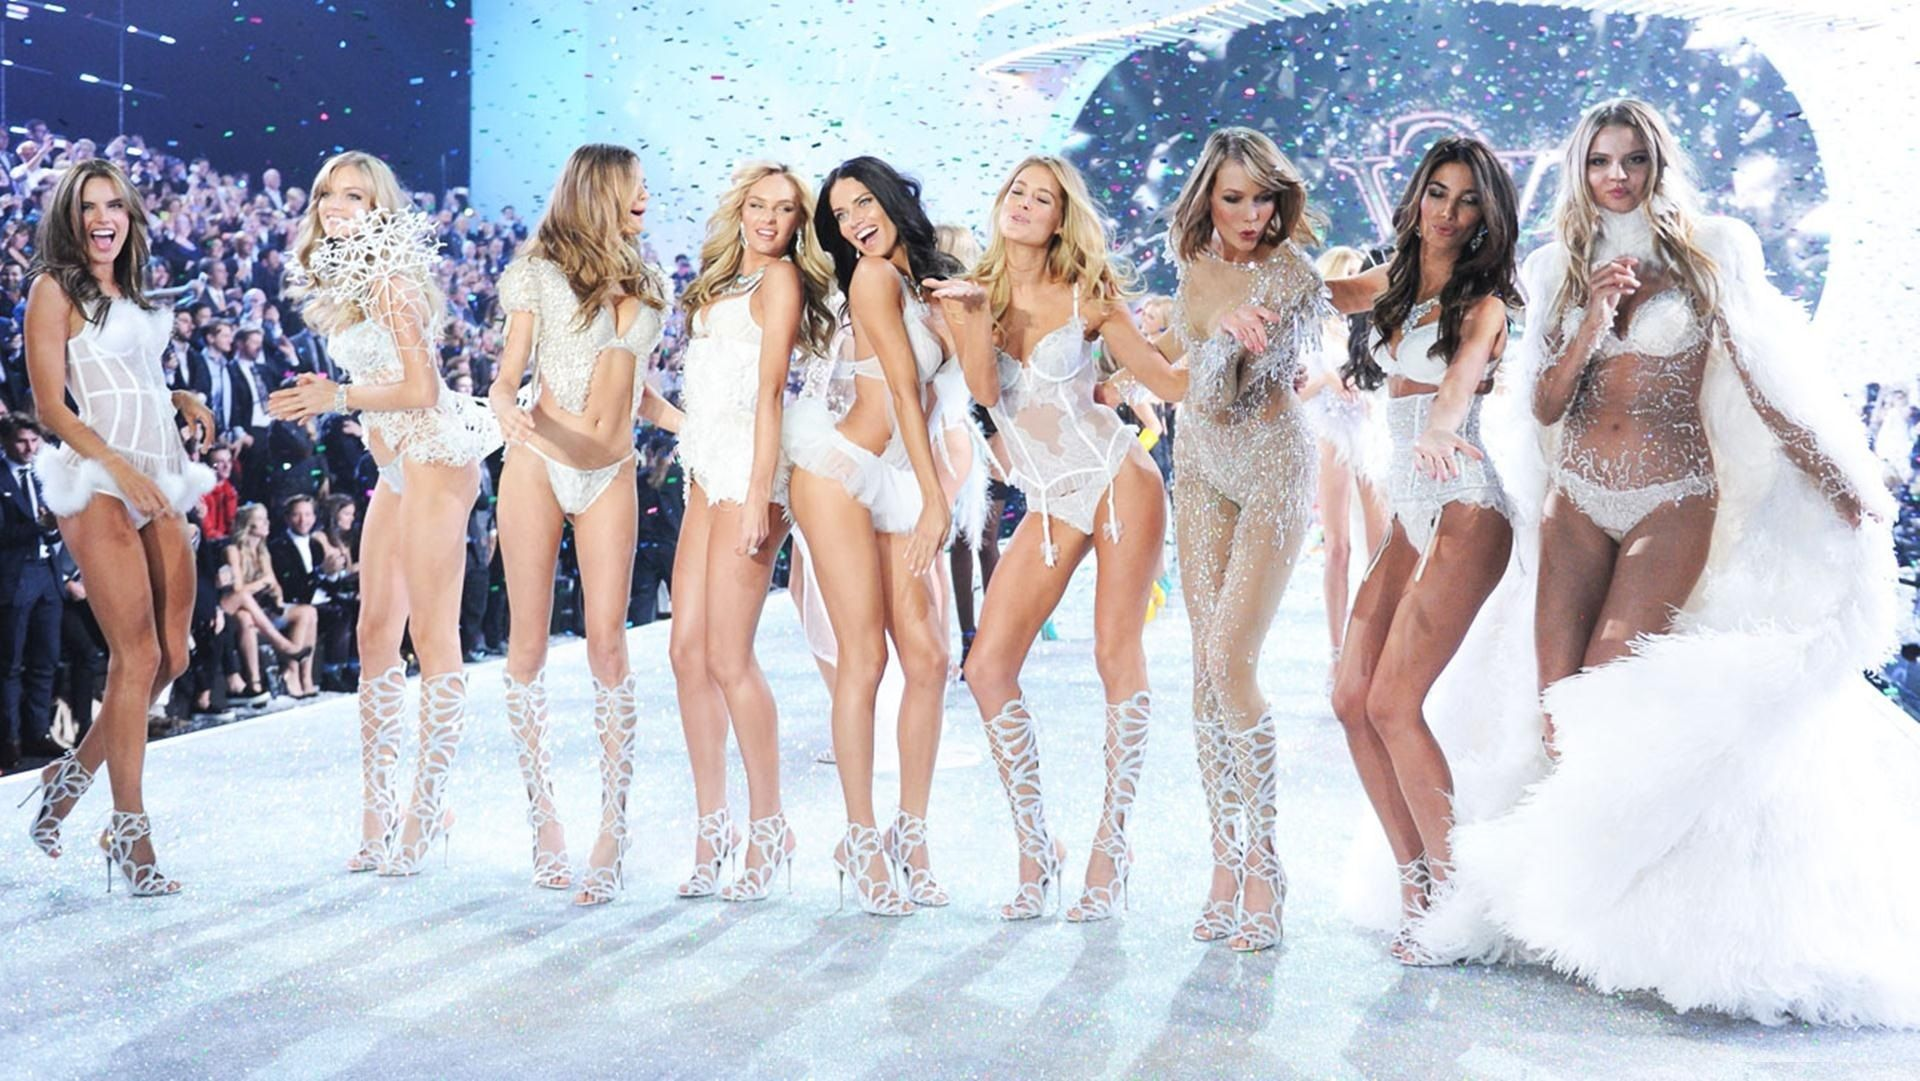 Victoria S Secret Fashion Show 2014 Wallpapers Victoria Secret Fashion Show Victorias Secret Models Victoria Secret Show